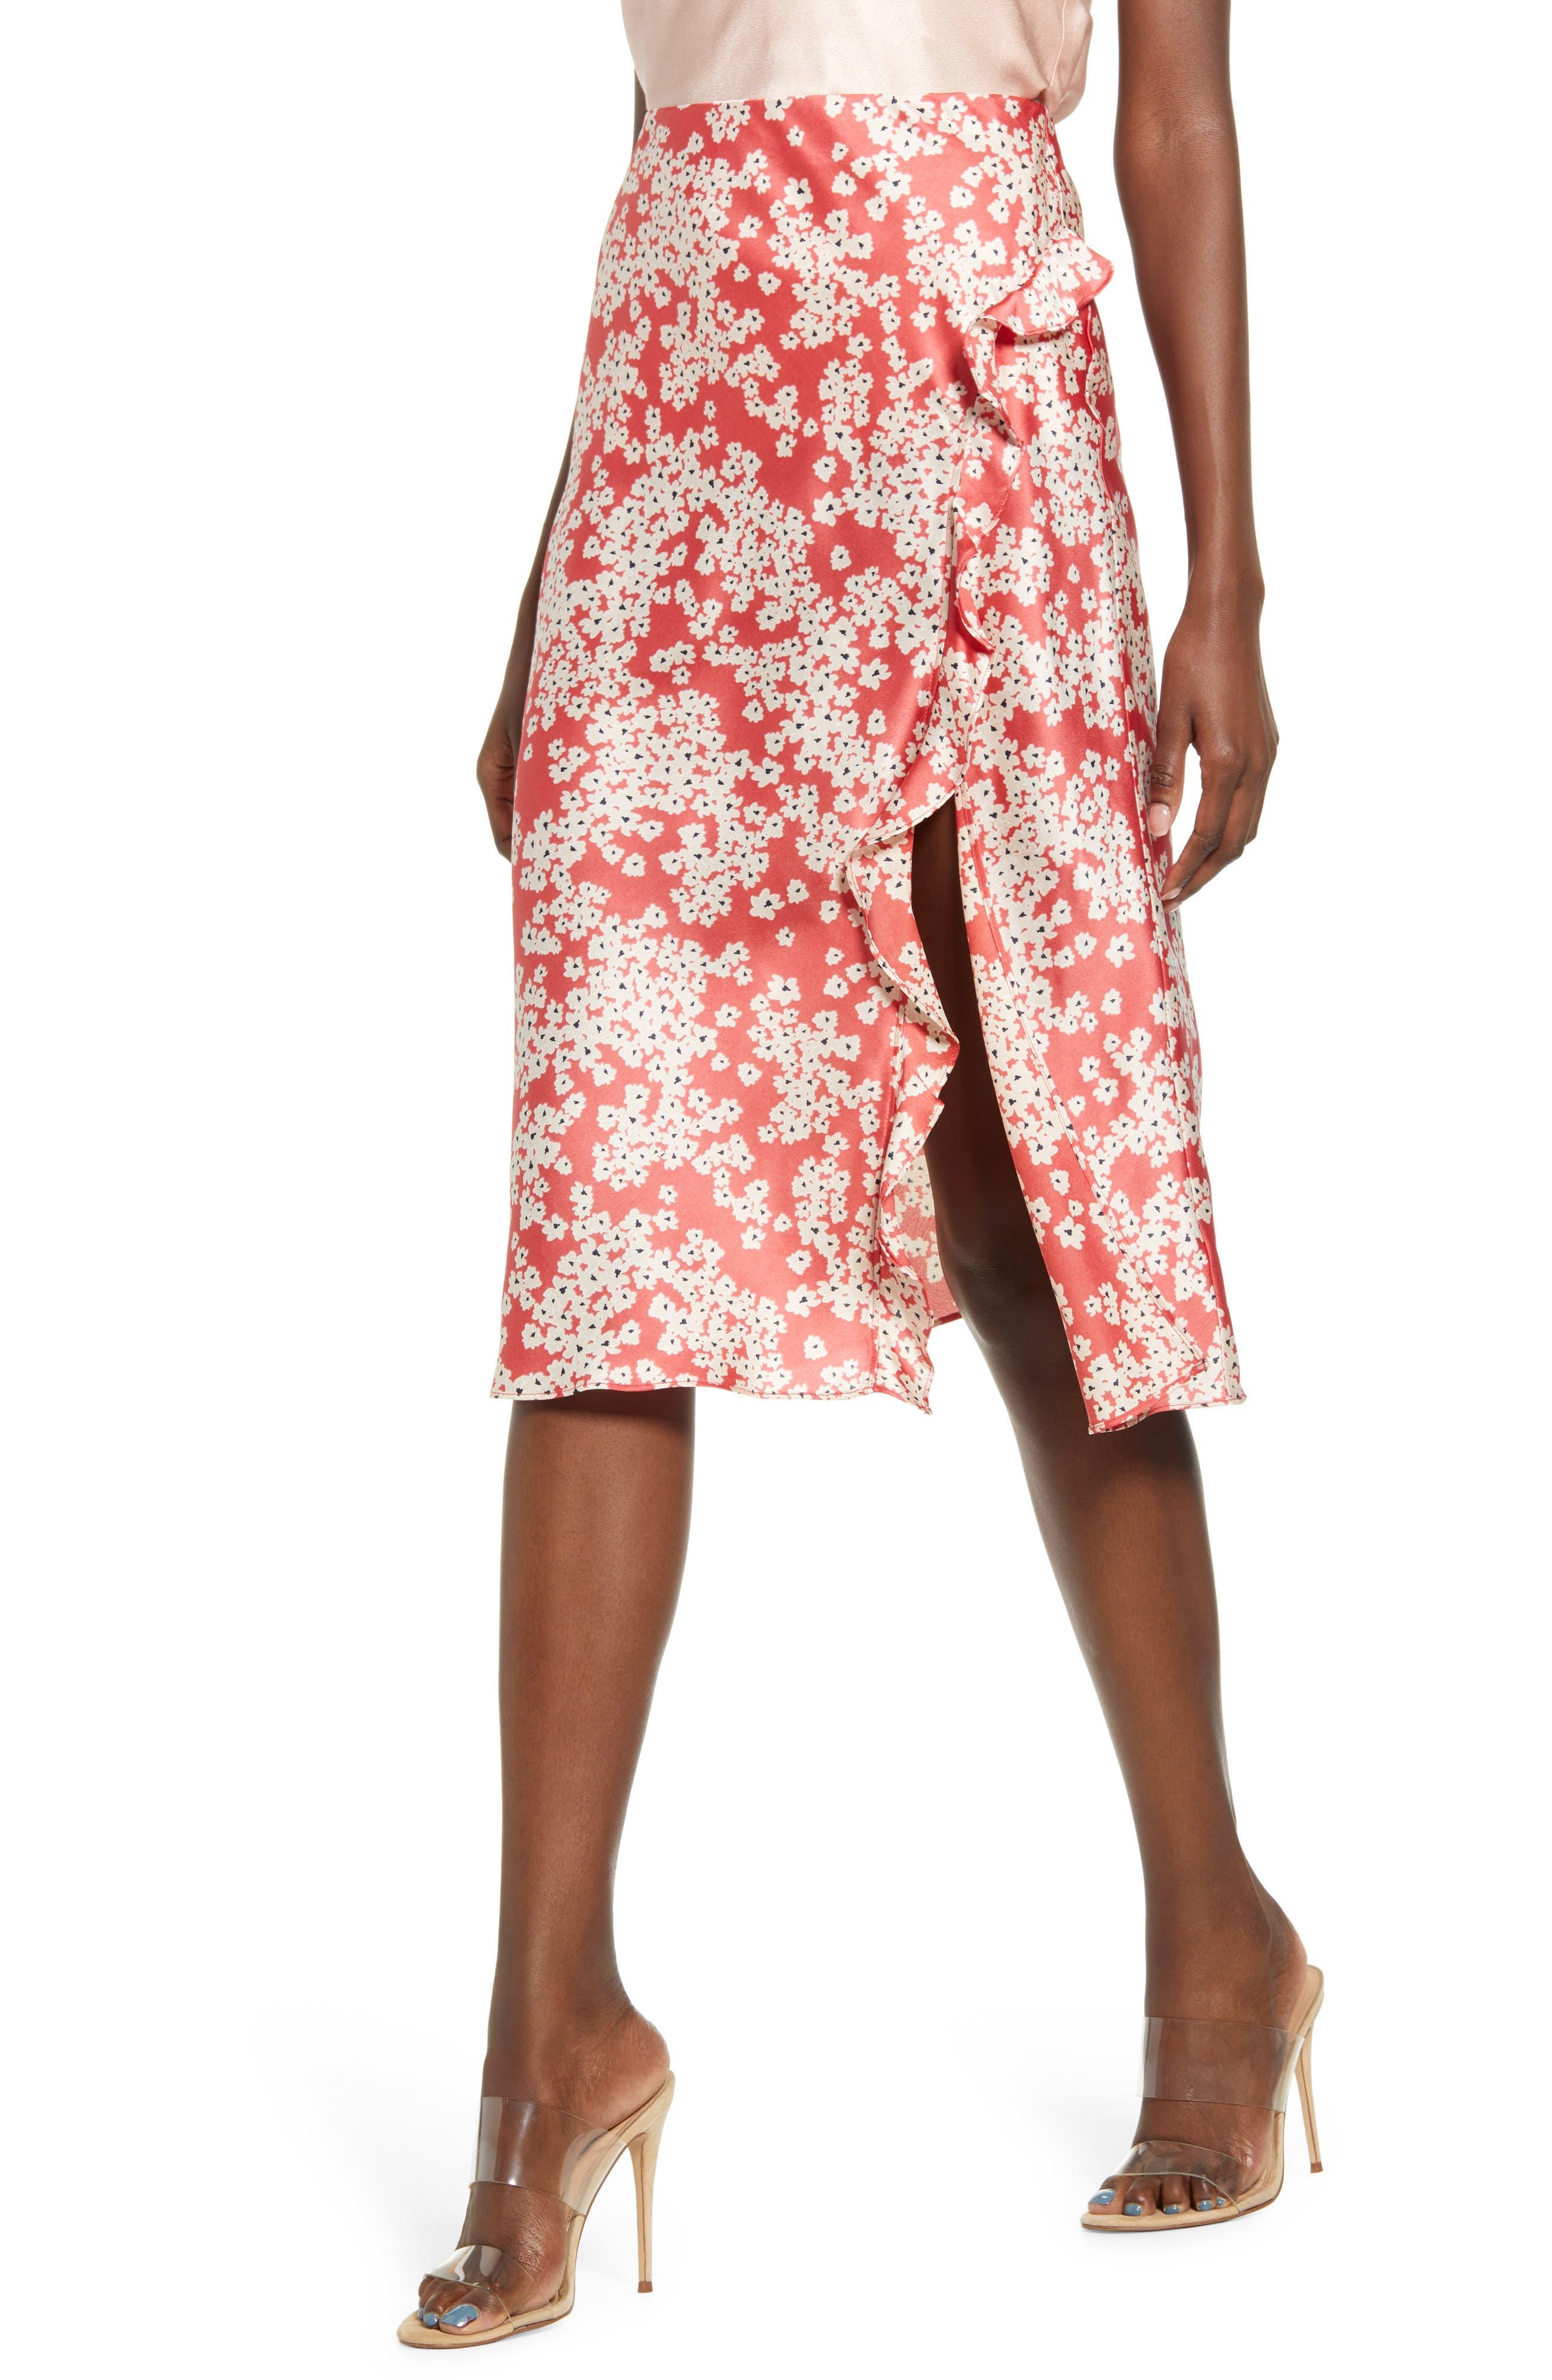 Image of Socialite Floral Ruffle Slit Skirt